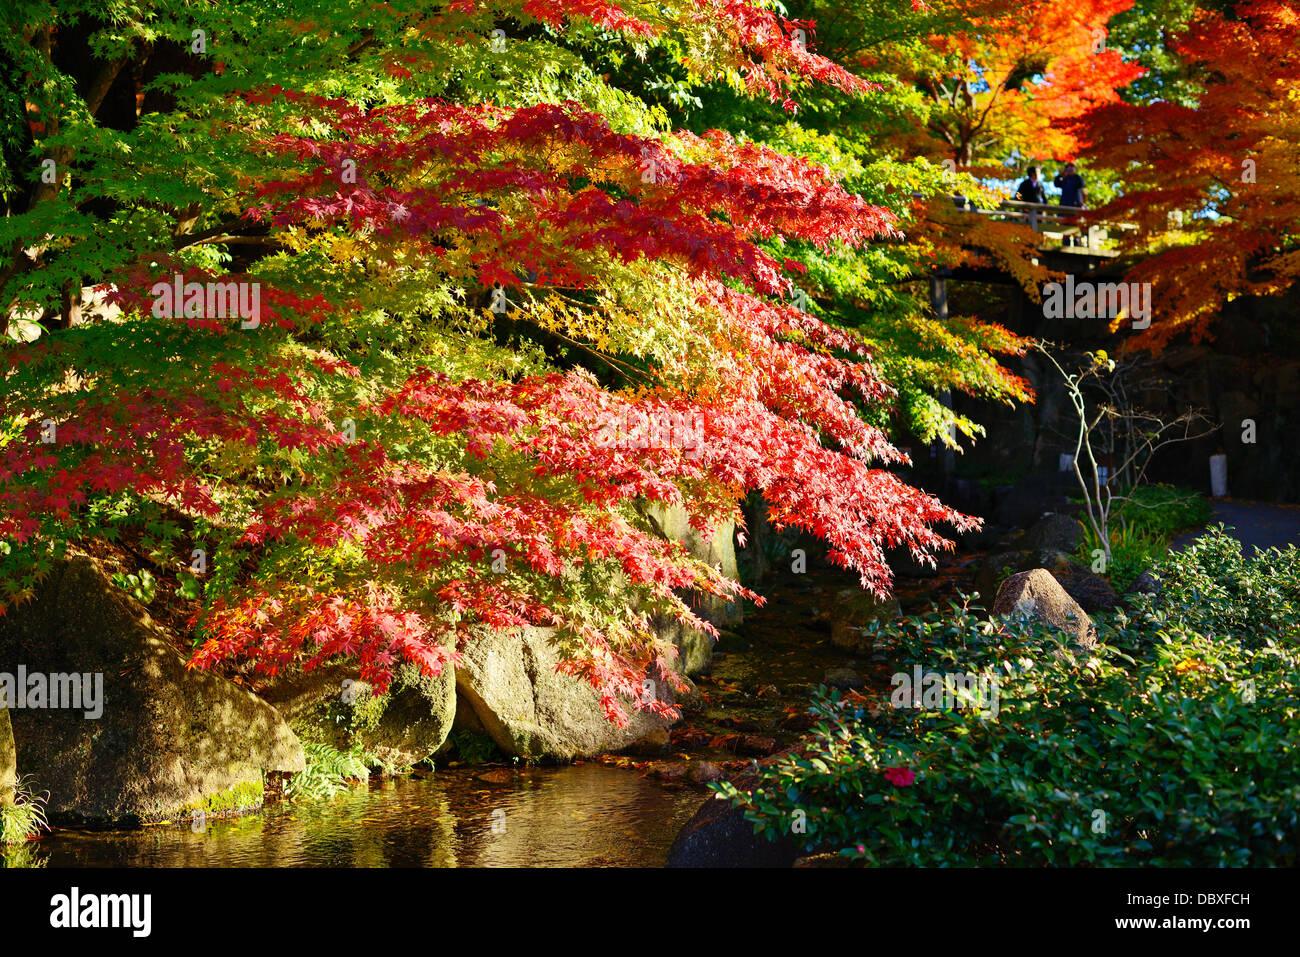 Fall foliage at in Nagoya, Japan. - Stock Image